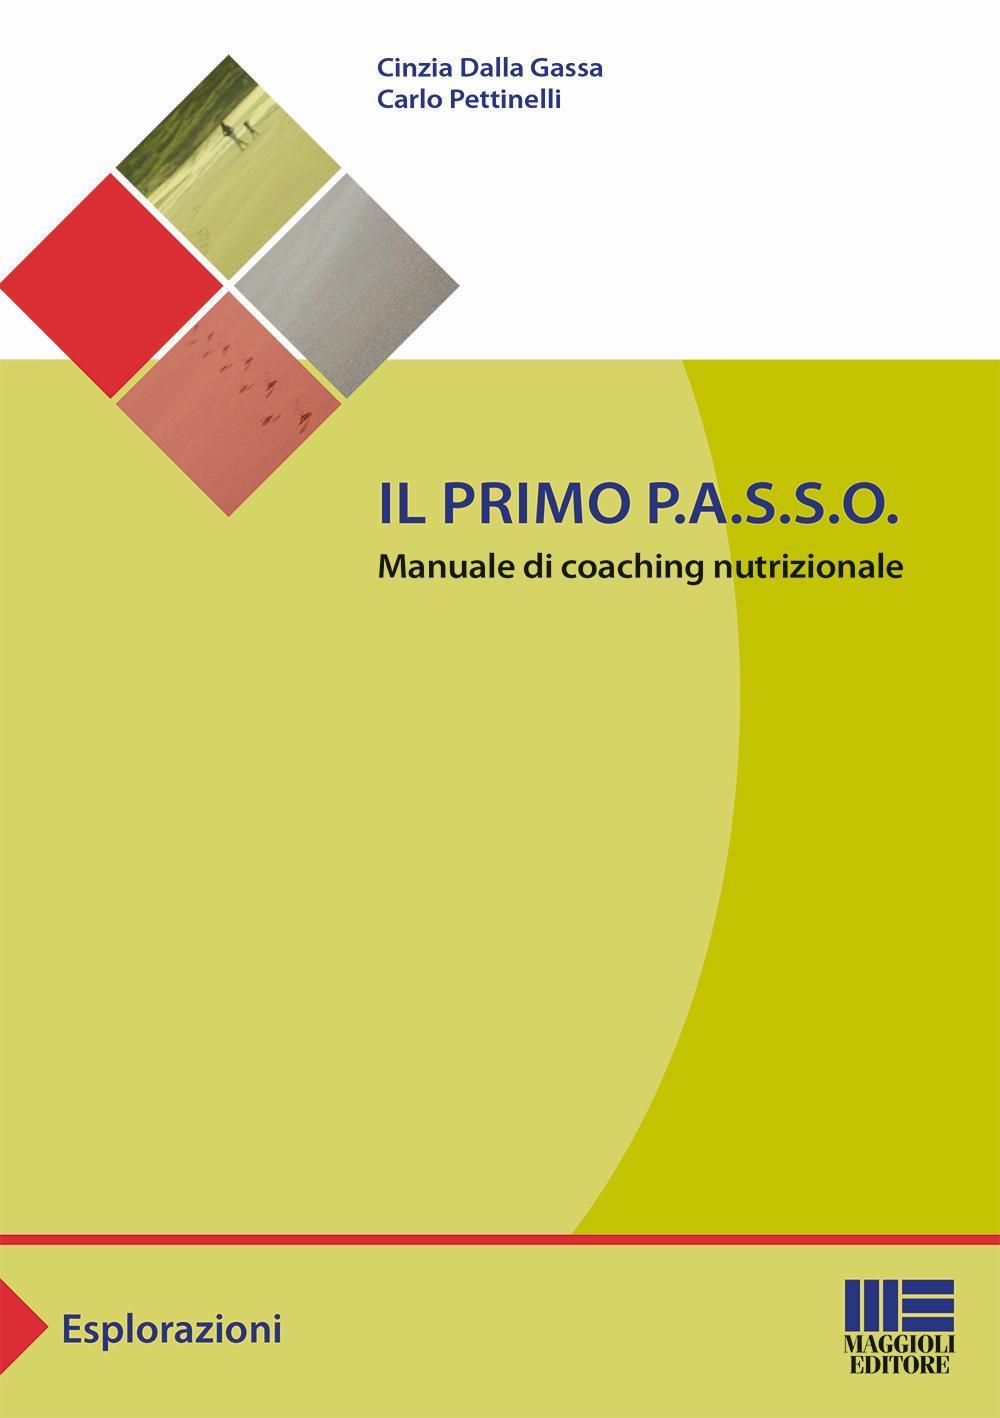 Il primo P.A.S.S.O. Manuale di coaching nutrizionale